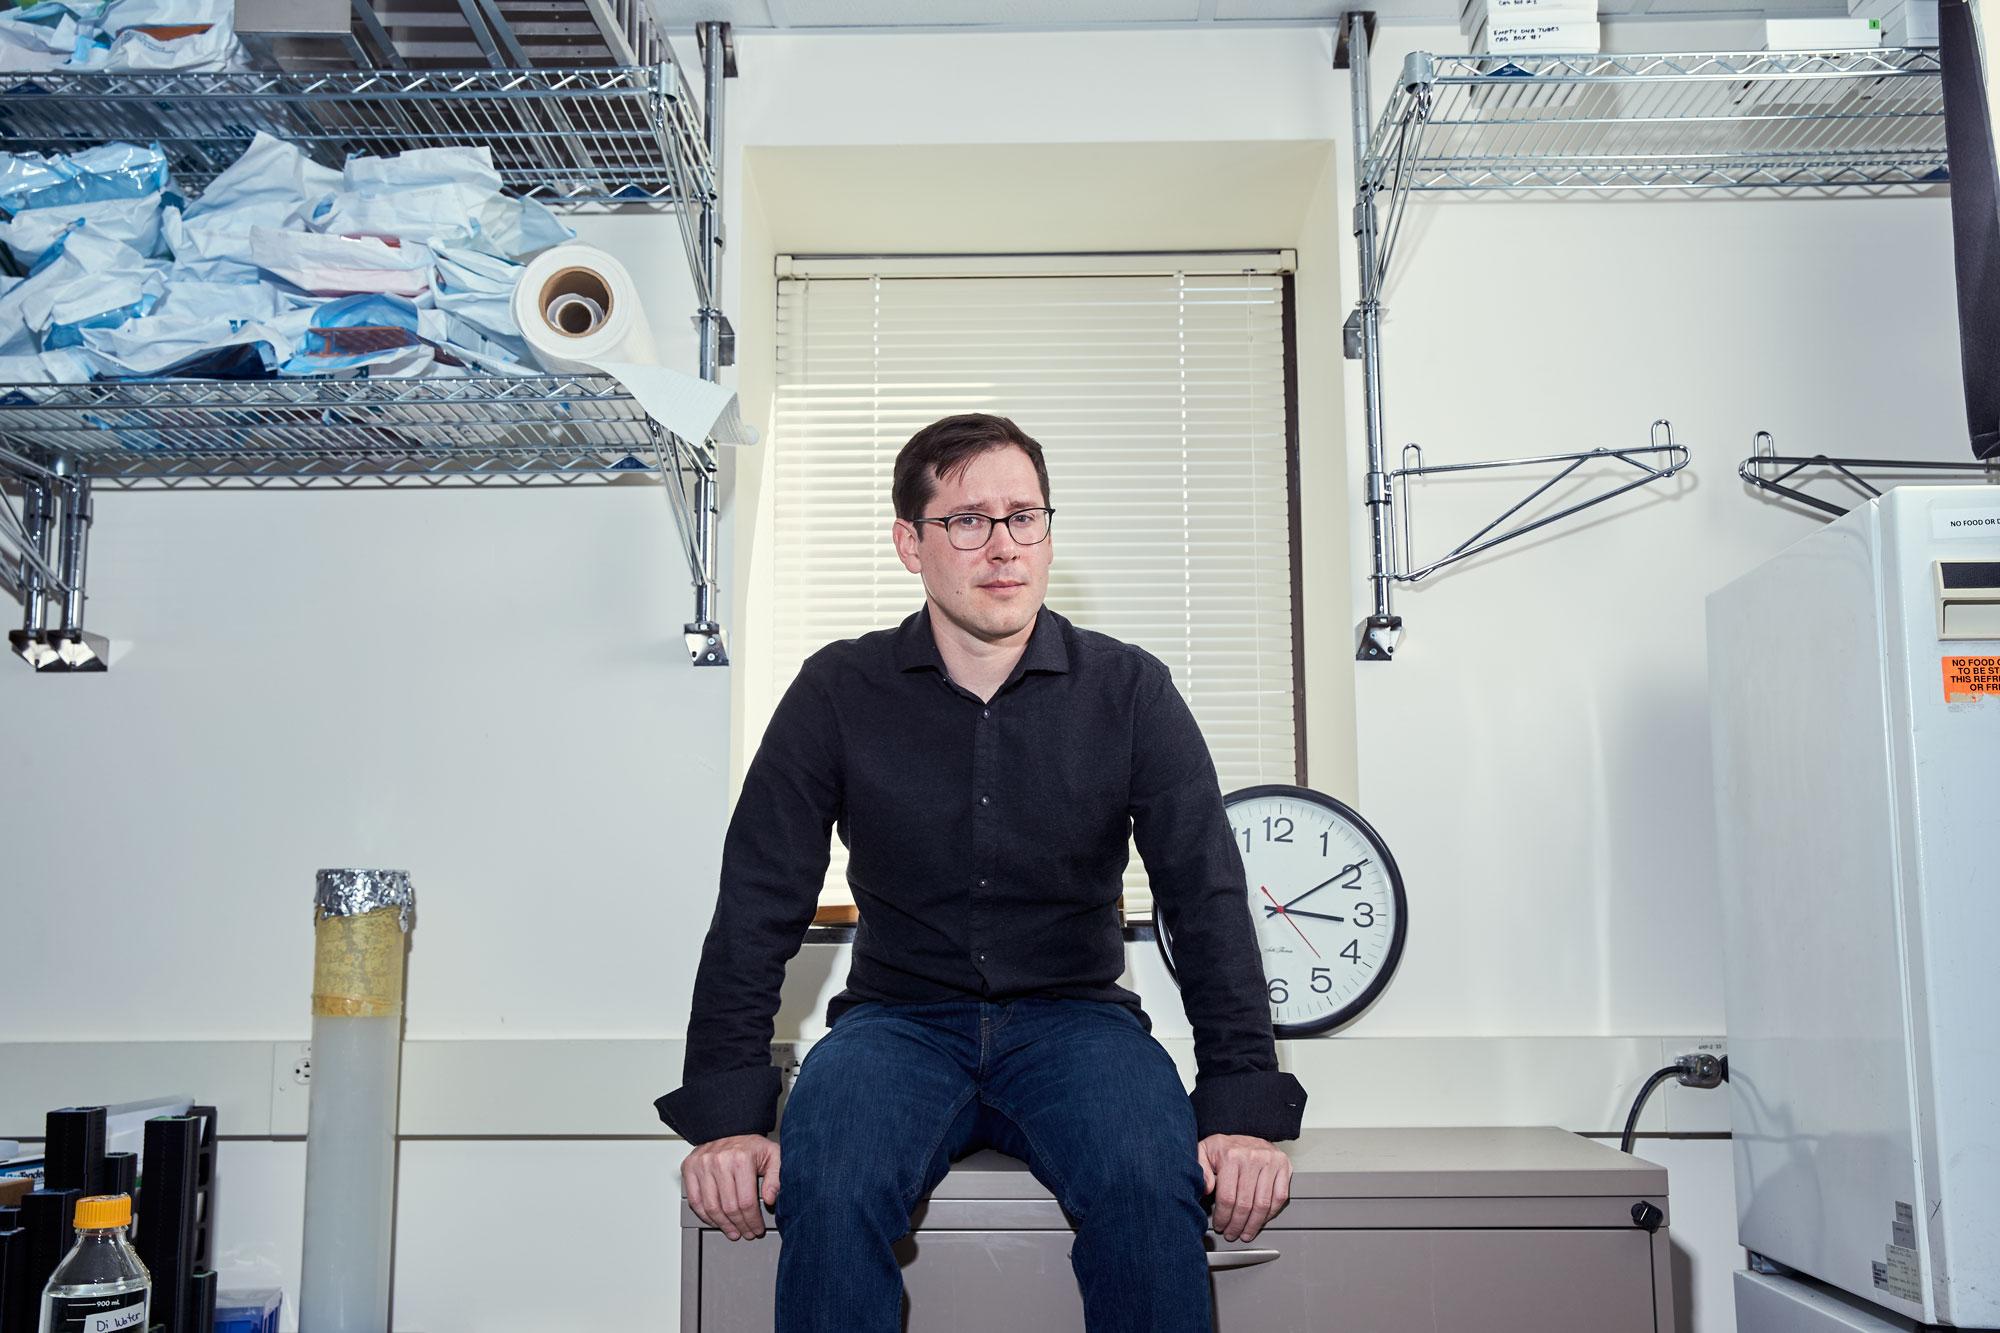 John November in his office